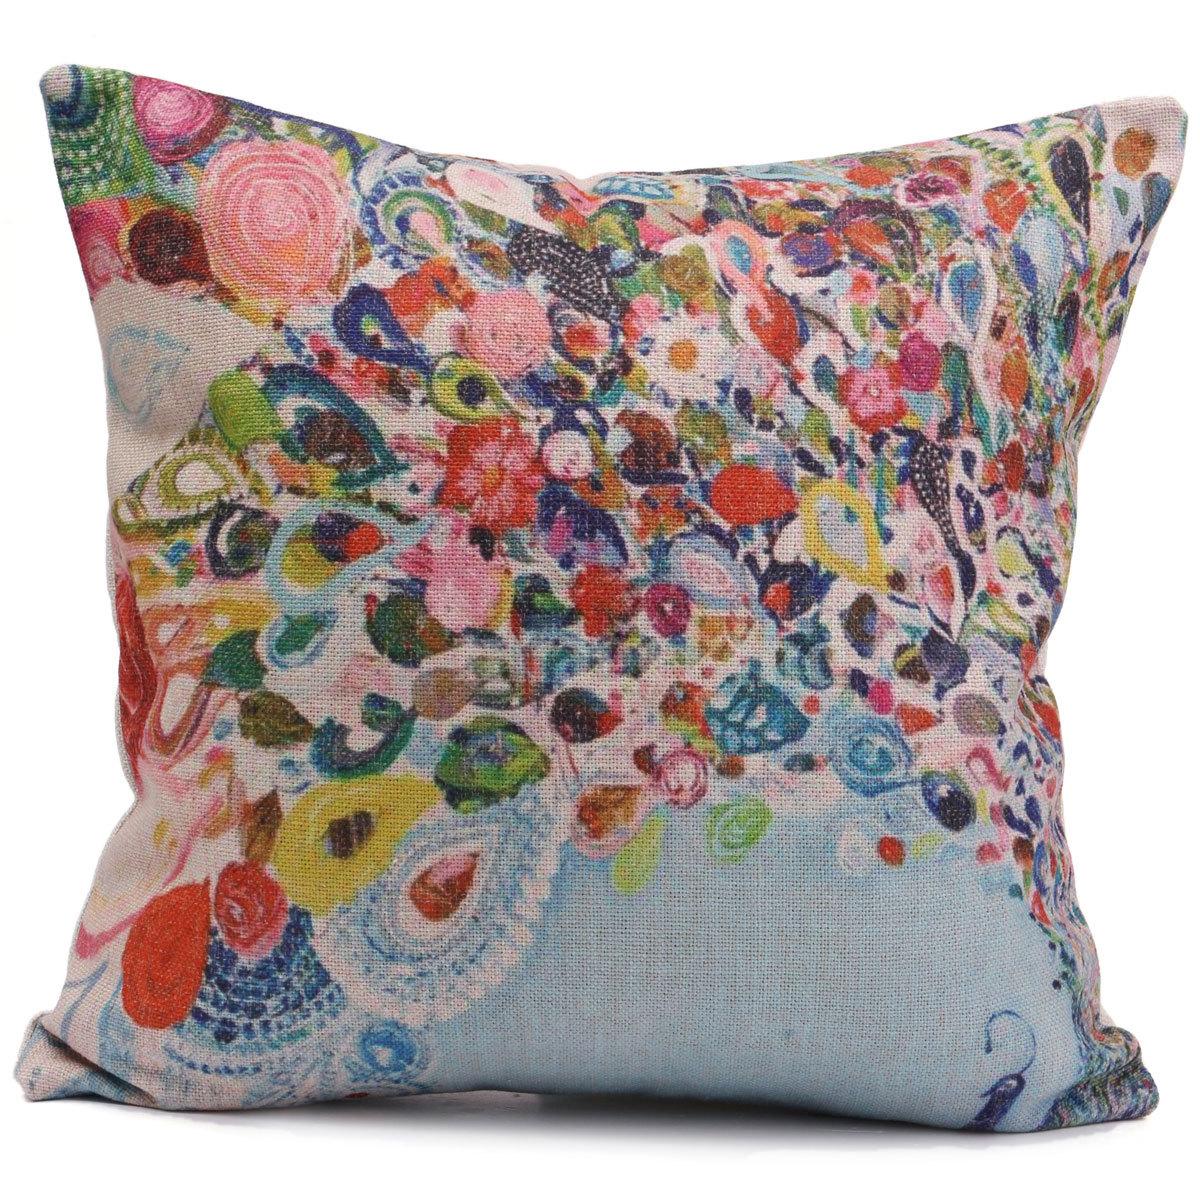 Linen Cotton Pillow Case Waist Back Throw Cushion Cover Home Sofa Car Decor eBay